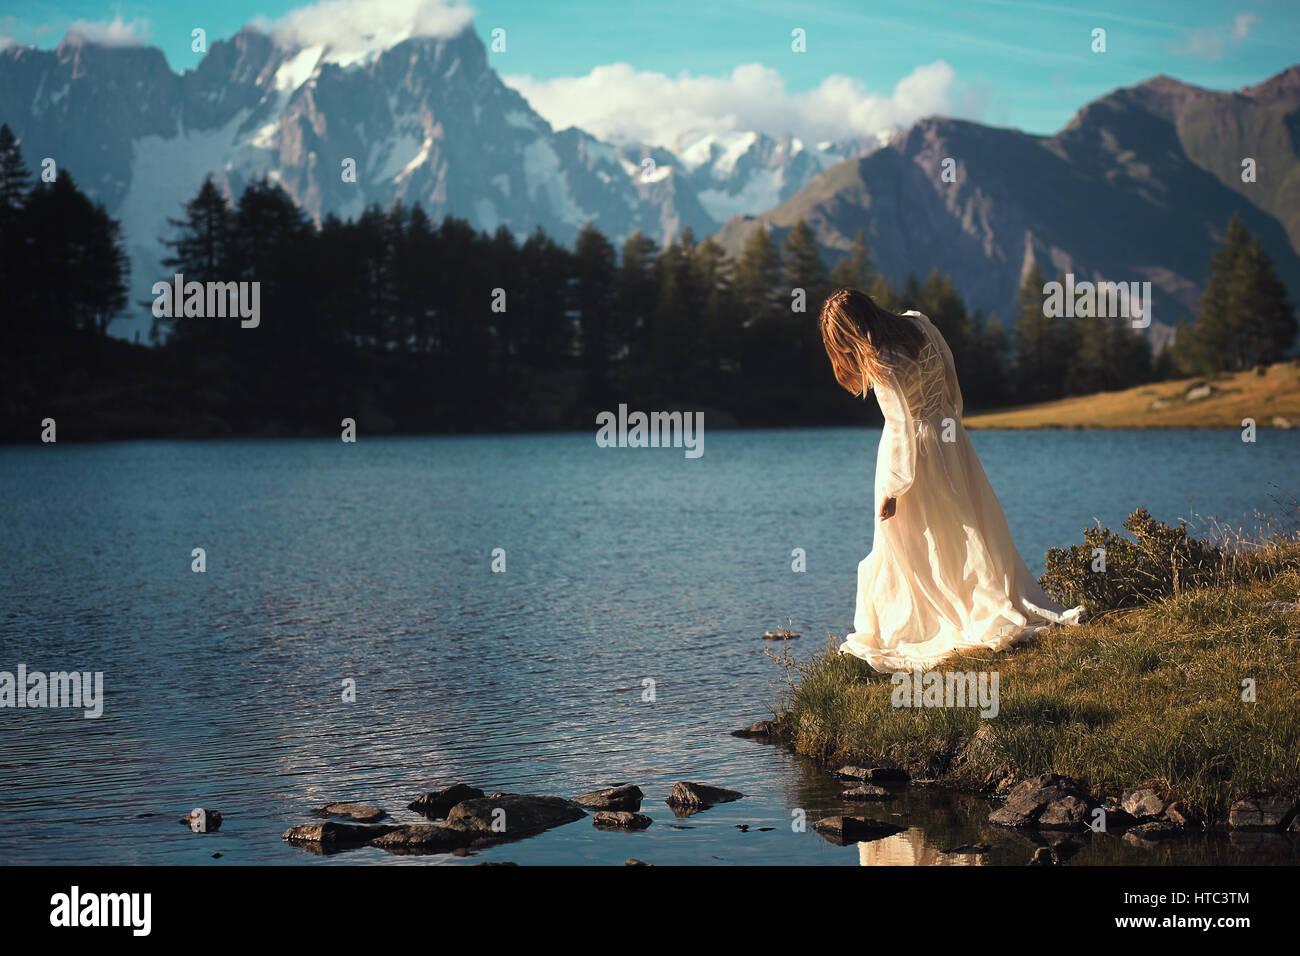 Mujer posando en el lago de montaña al atardecer. Romántica y soñadora Imagen De Stock